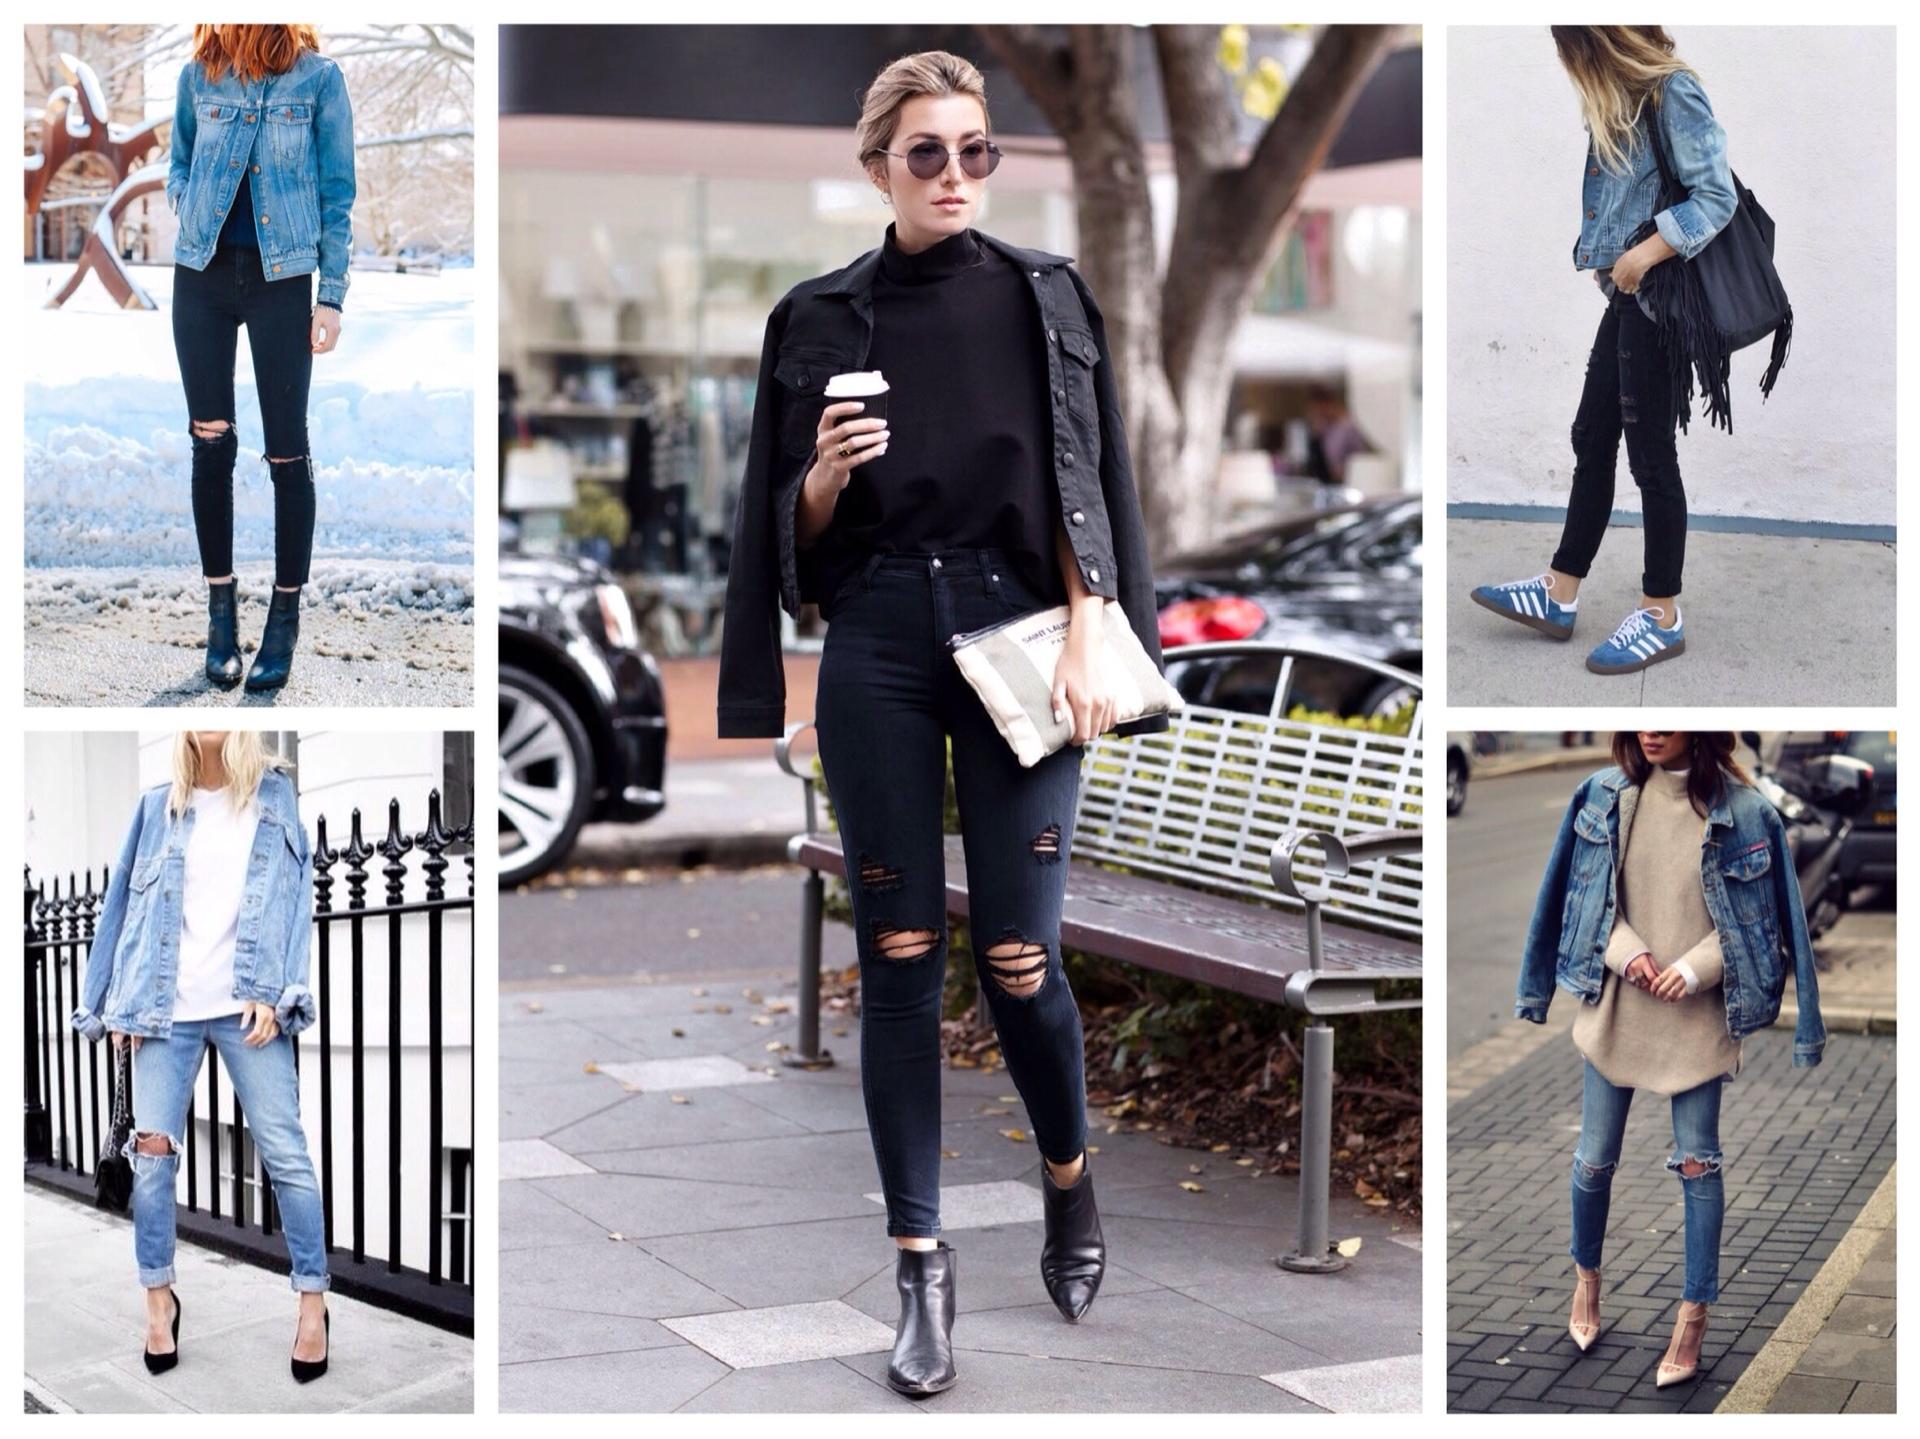 З чим носити джинсову куртку  фото та рекомендації 25f038de00330